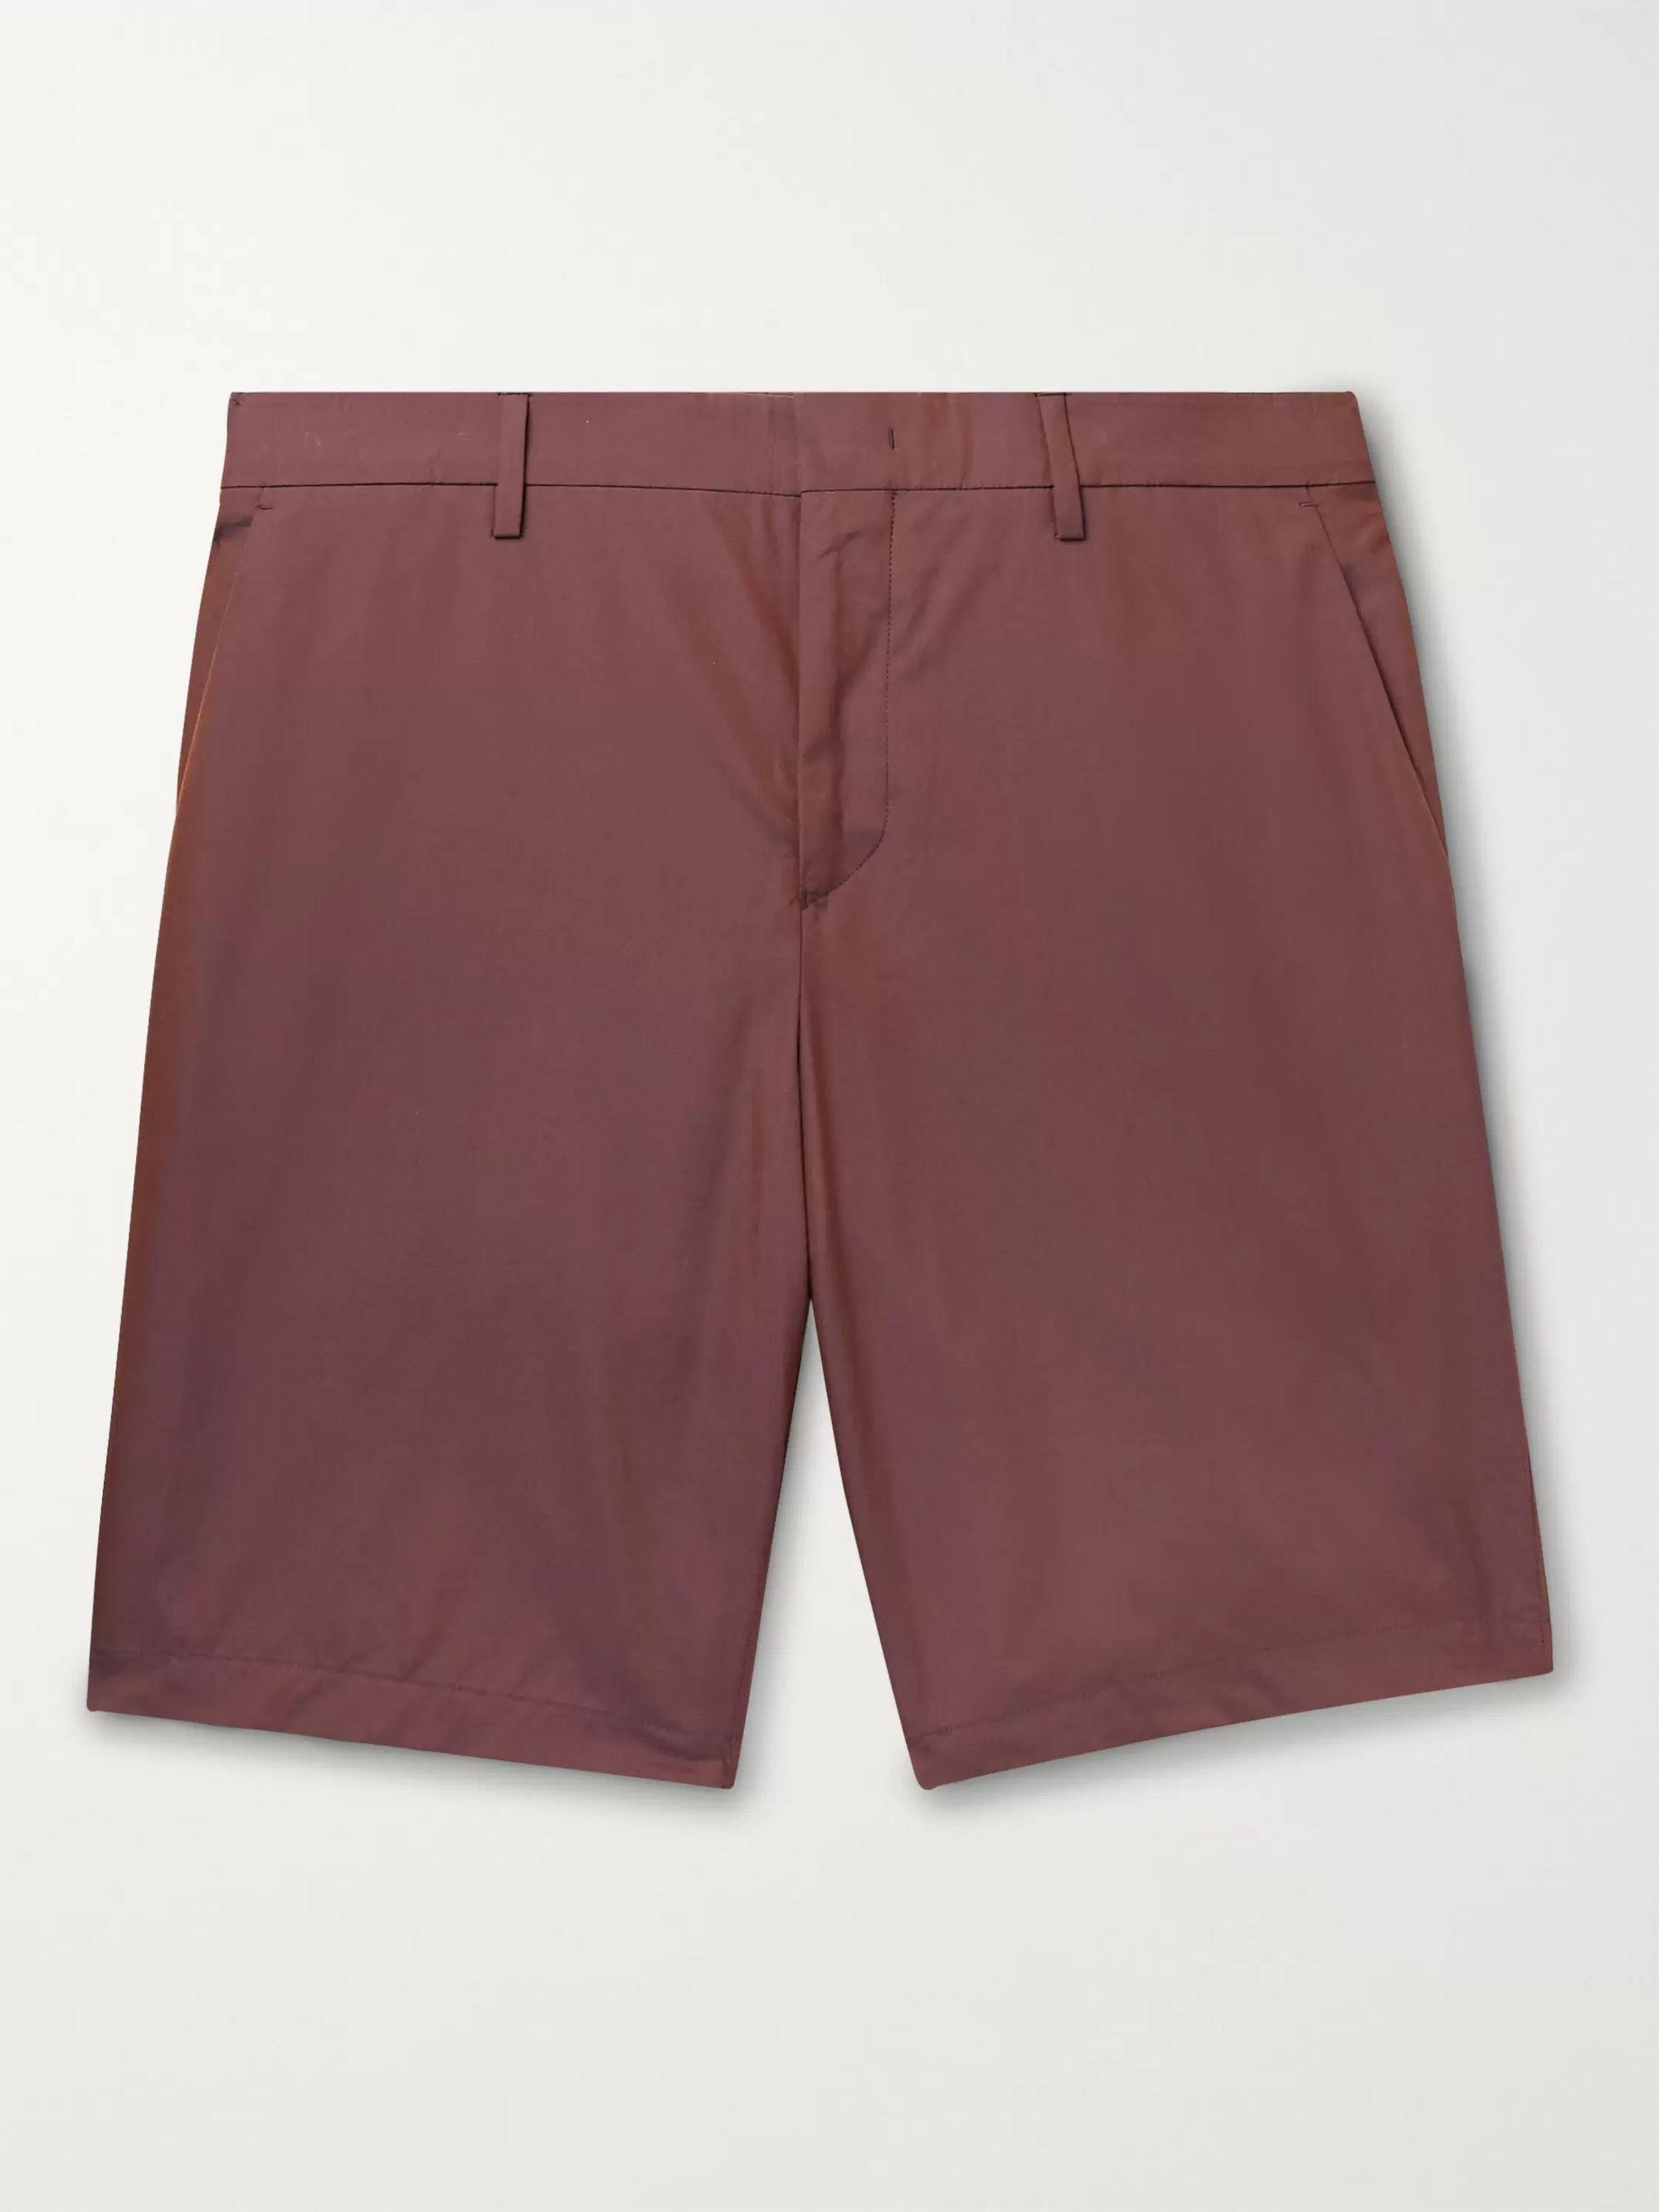 폴 스미스 Paul Smith Cotton Shorts,Burgundy